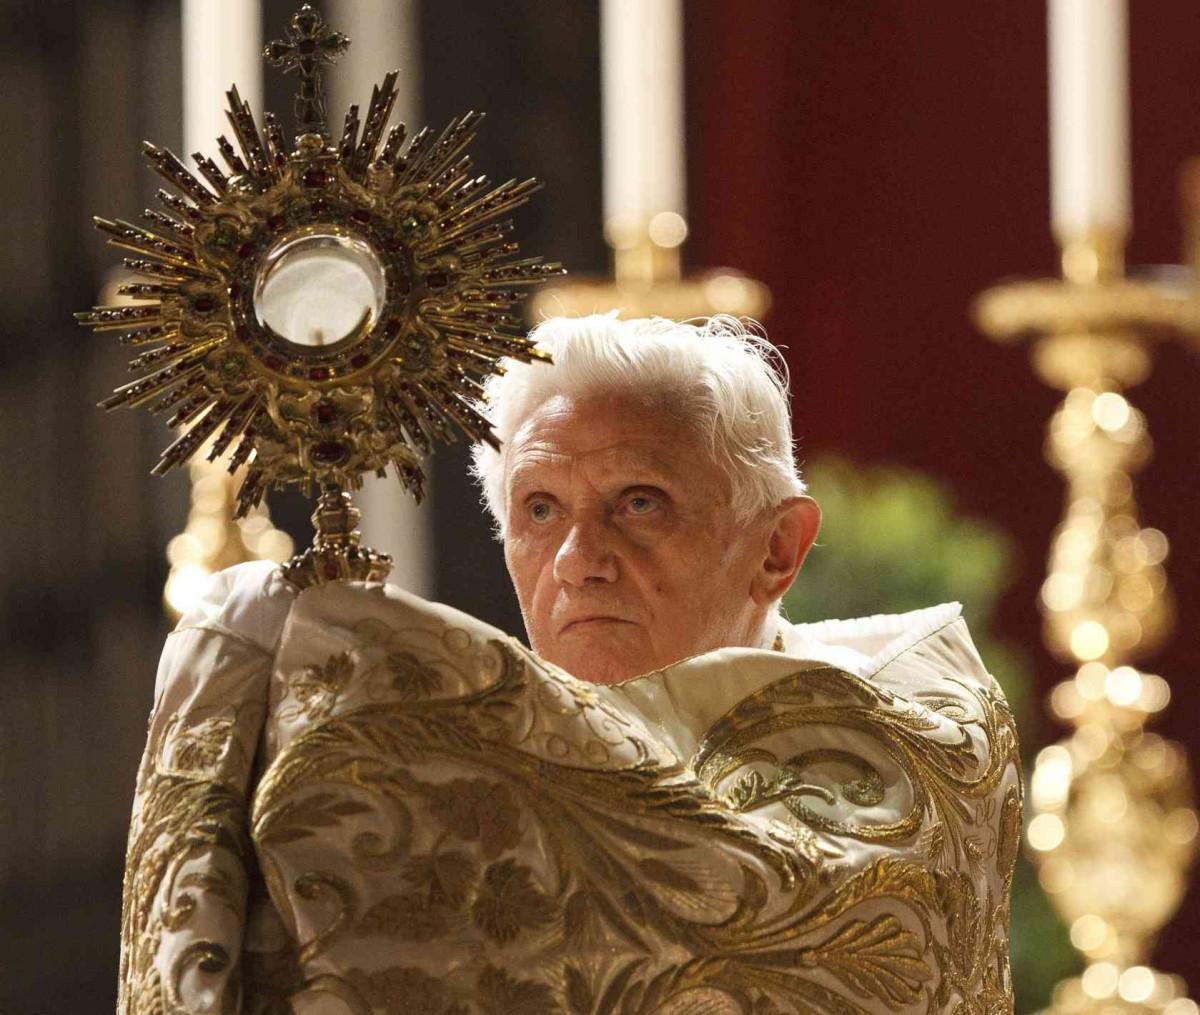 Source: catholic2.0.com